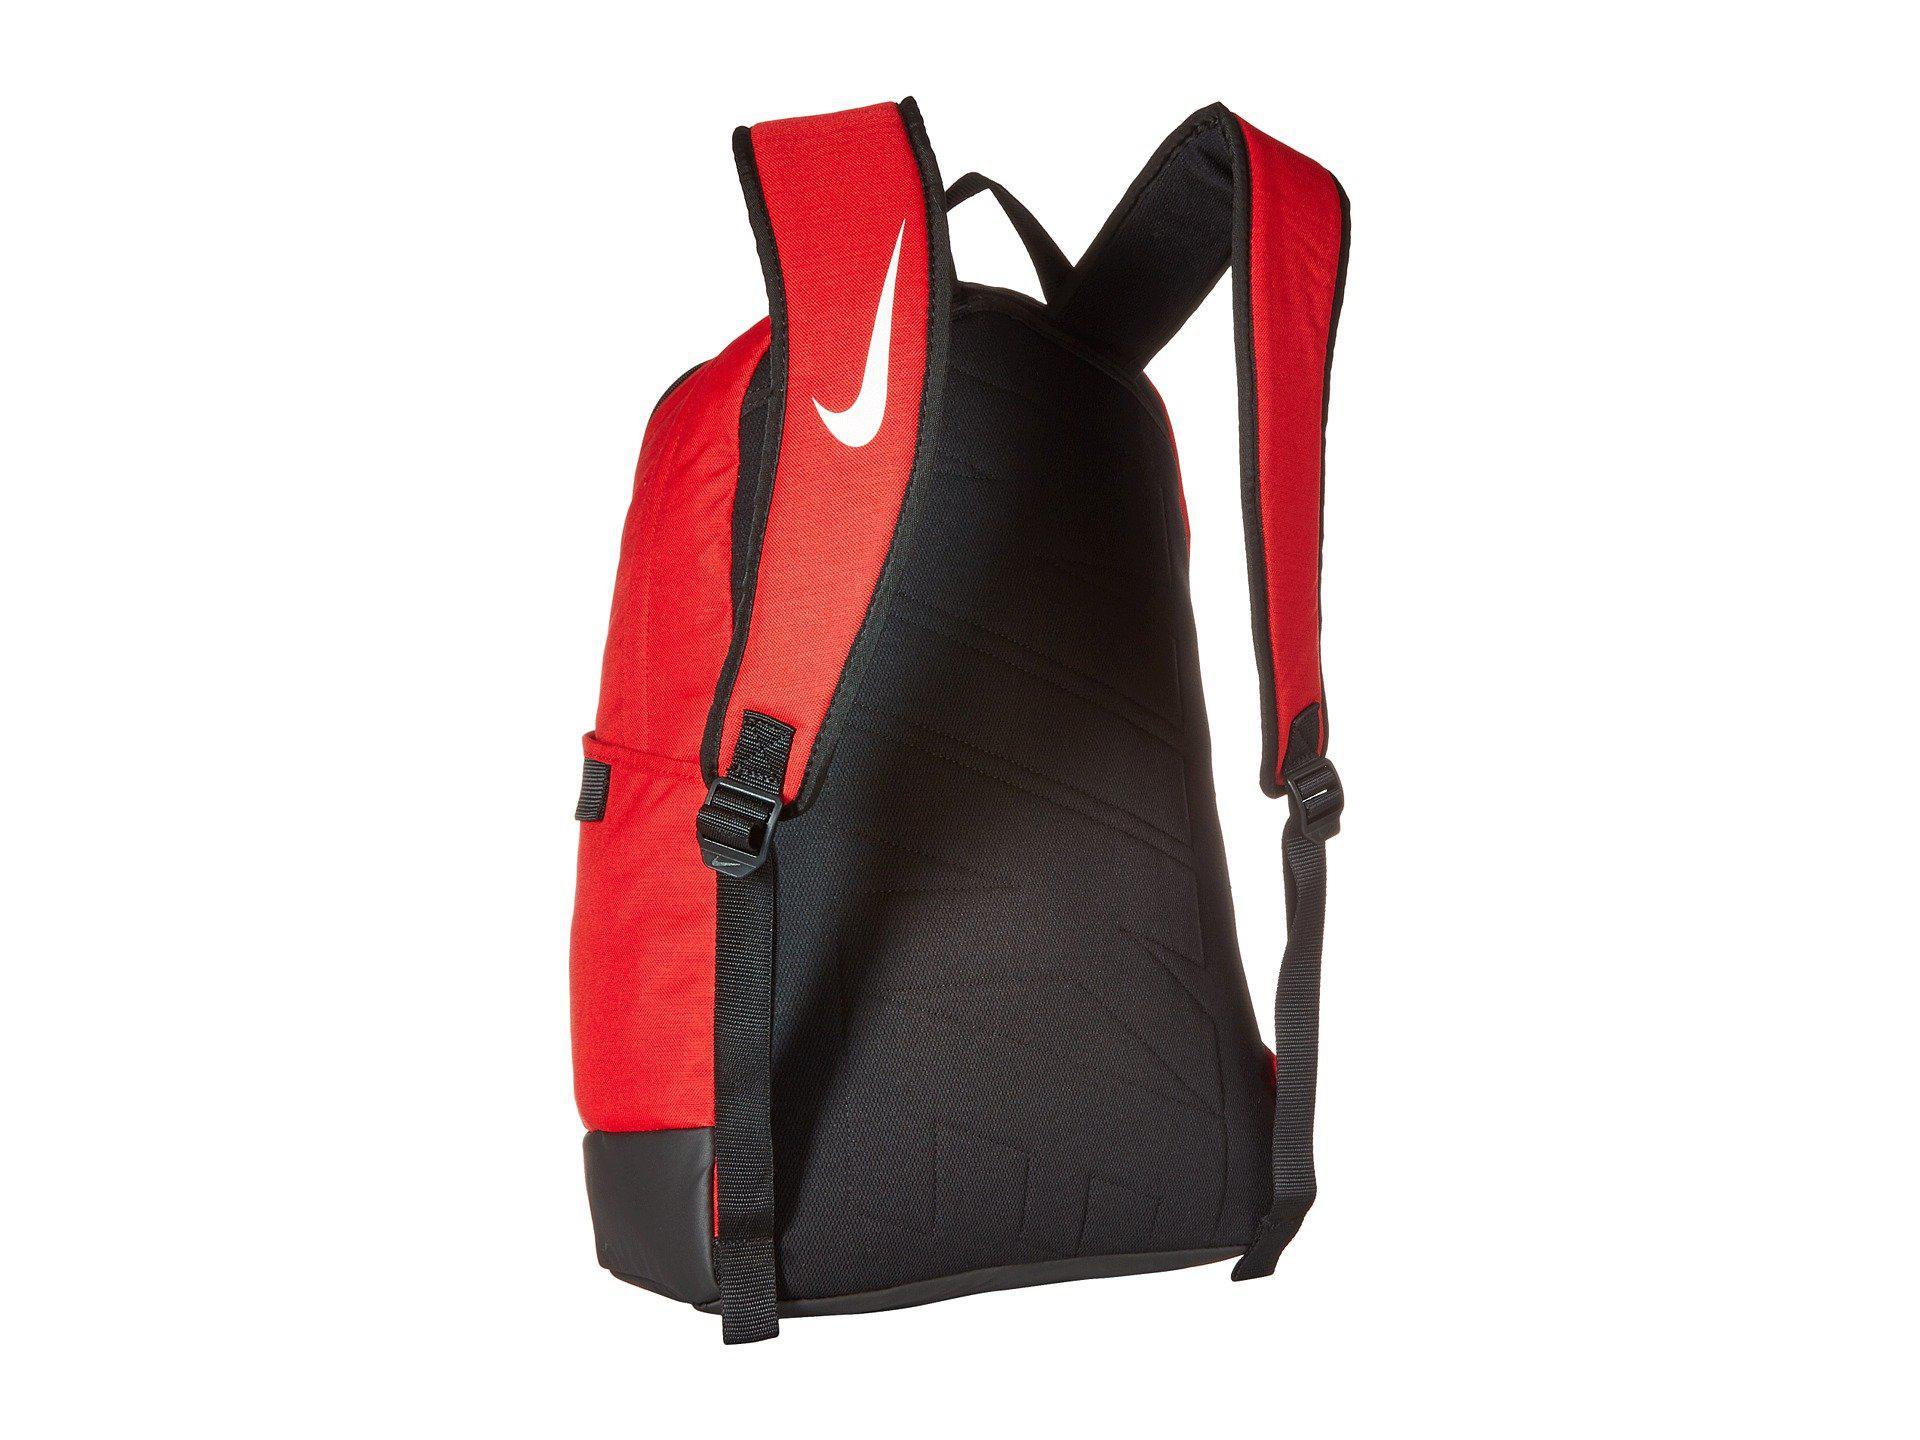 2058dc4c96 Nike - Red Brasilia Xl Backpack (flint Grey black white) Backpack Bags.  View fullscreen